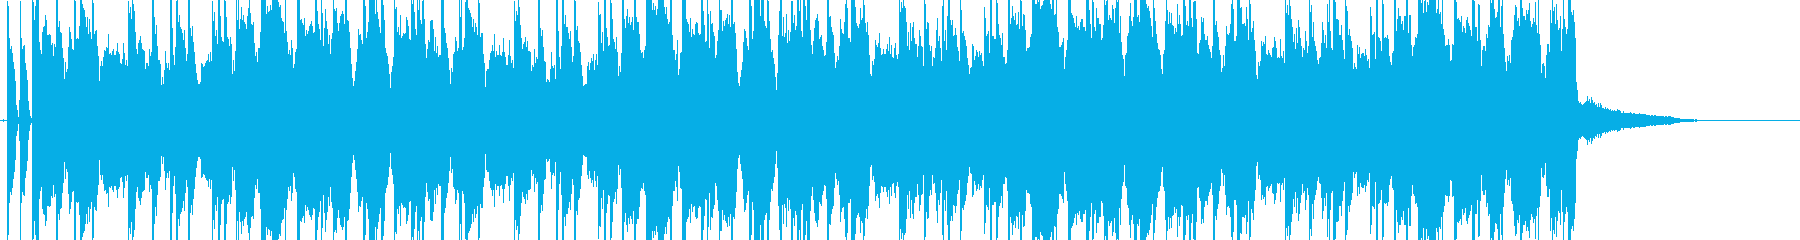 トラップ ヒップホップ 透明感 励...の再生済みの波形